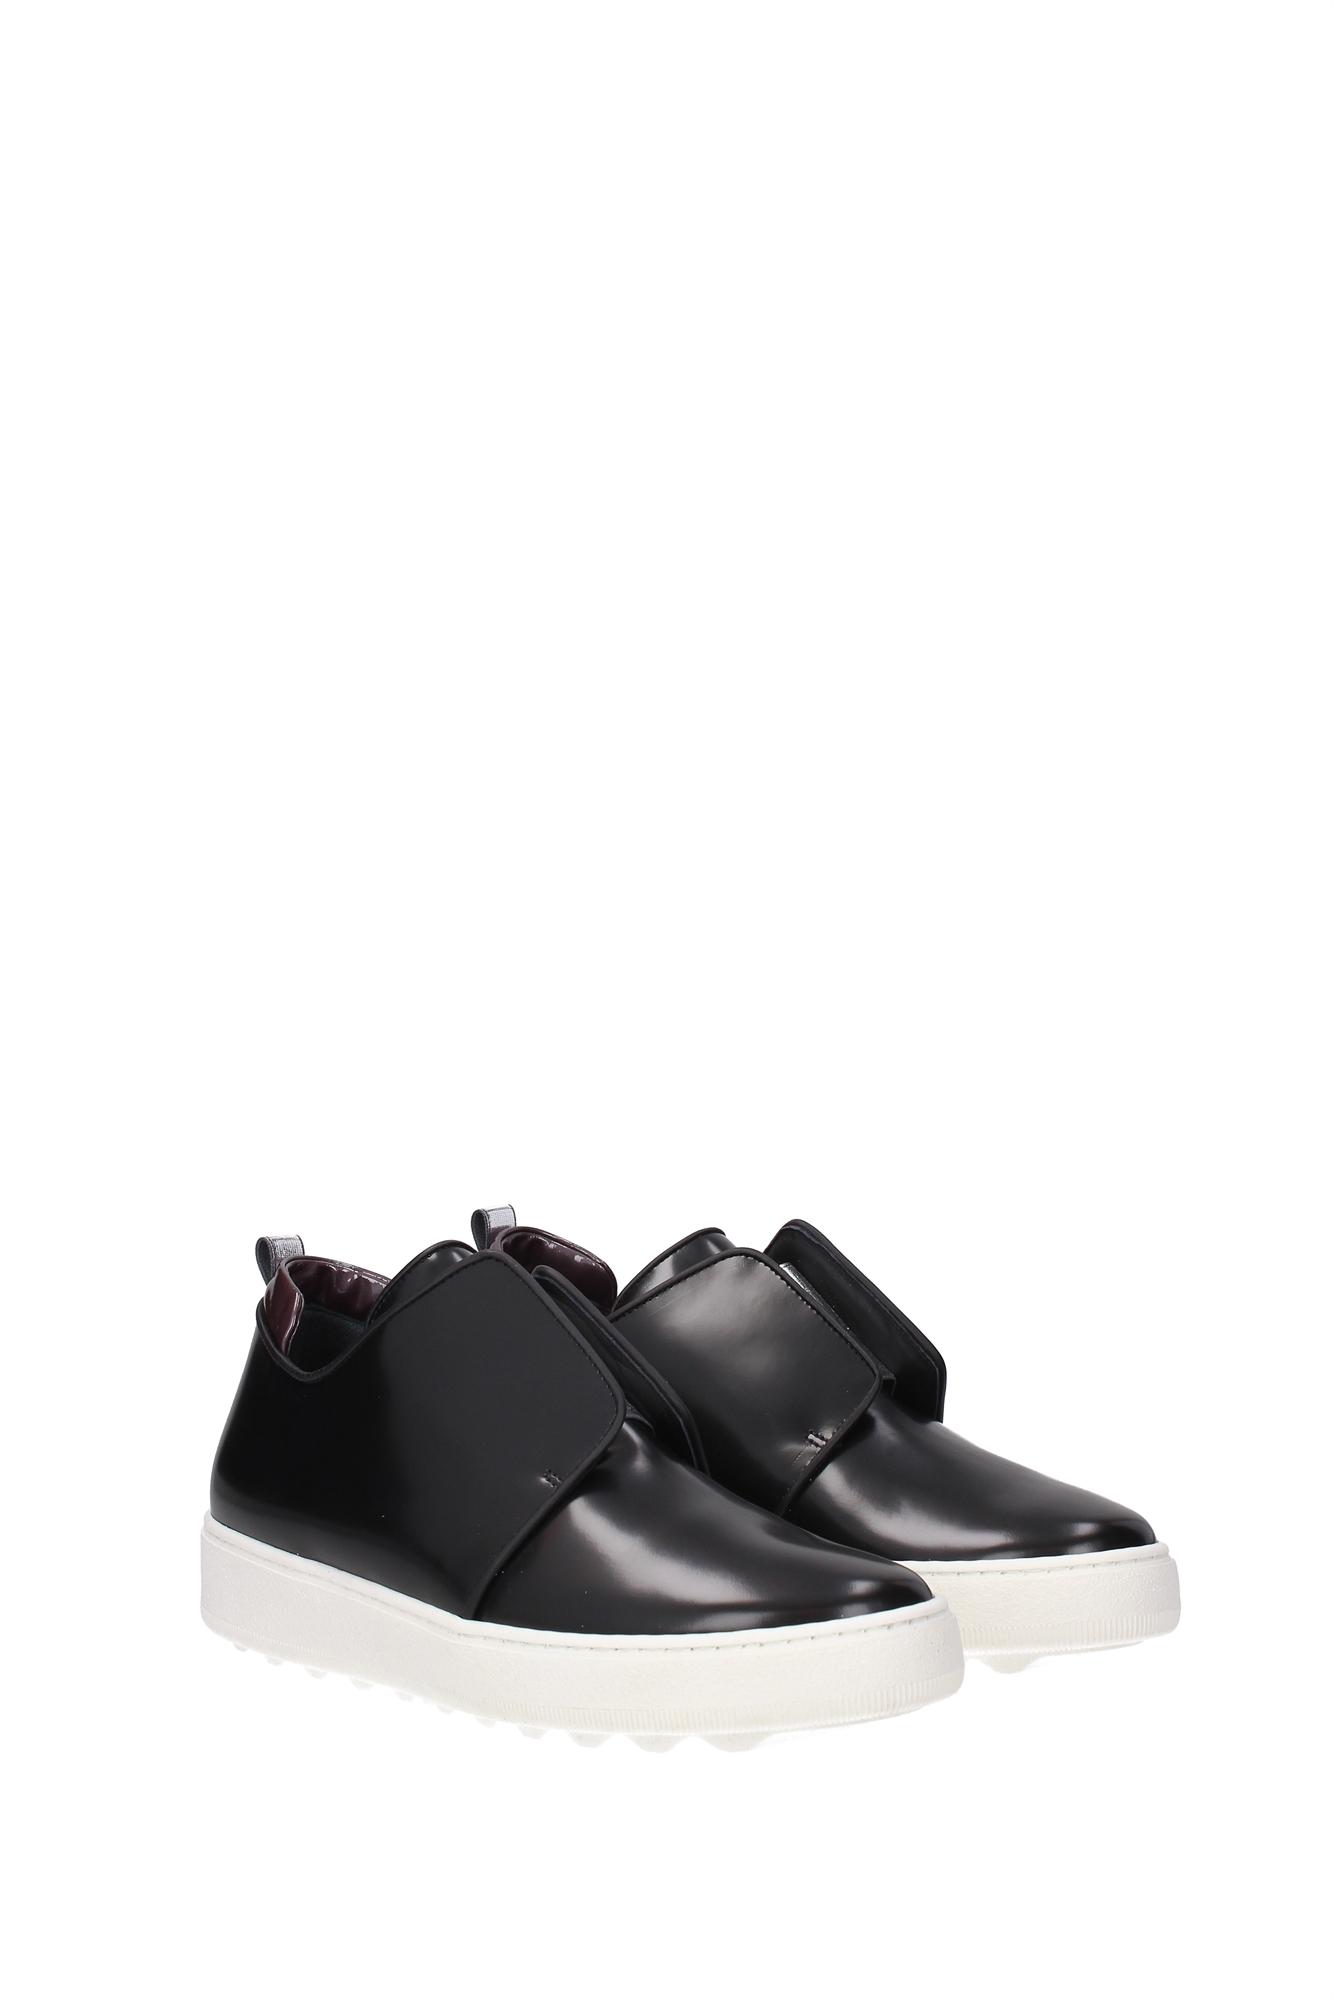 sneakers philippe model damen leder schwarz mbldrs02 ebay. Black Bedroom Furniture Sets. Home Design Ideas